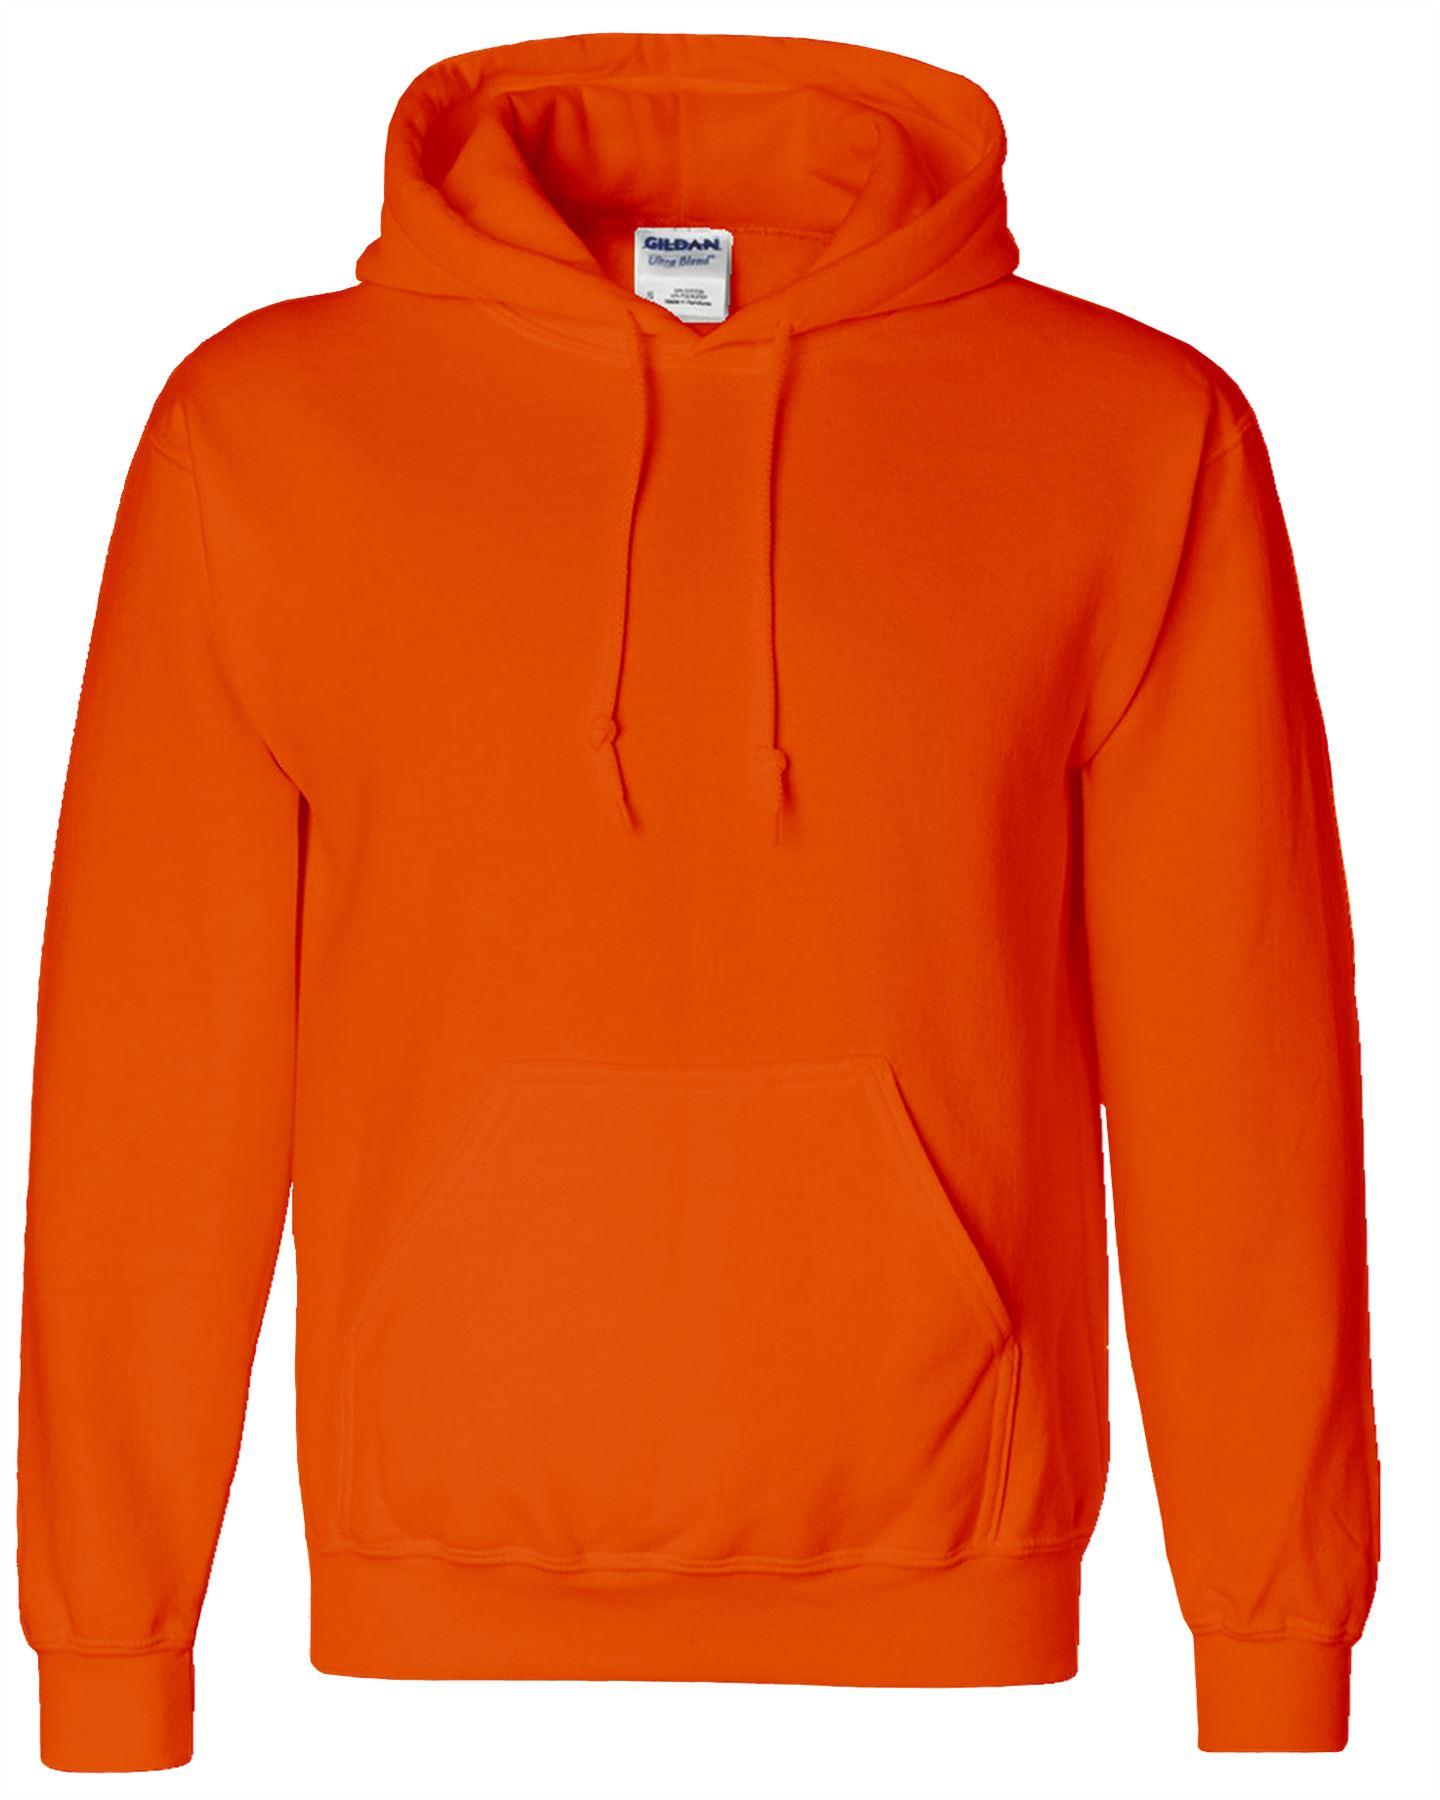 New Gildan Heavy Blend Plain Hooded SweatShirt Hoodie Sweat Hoody Jumper